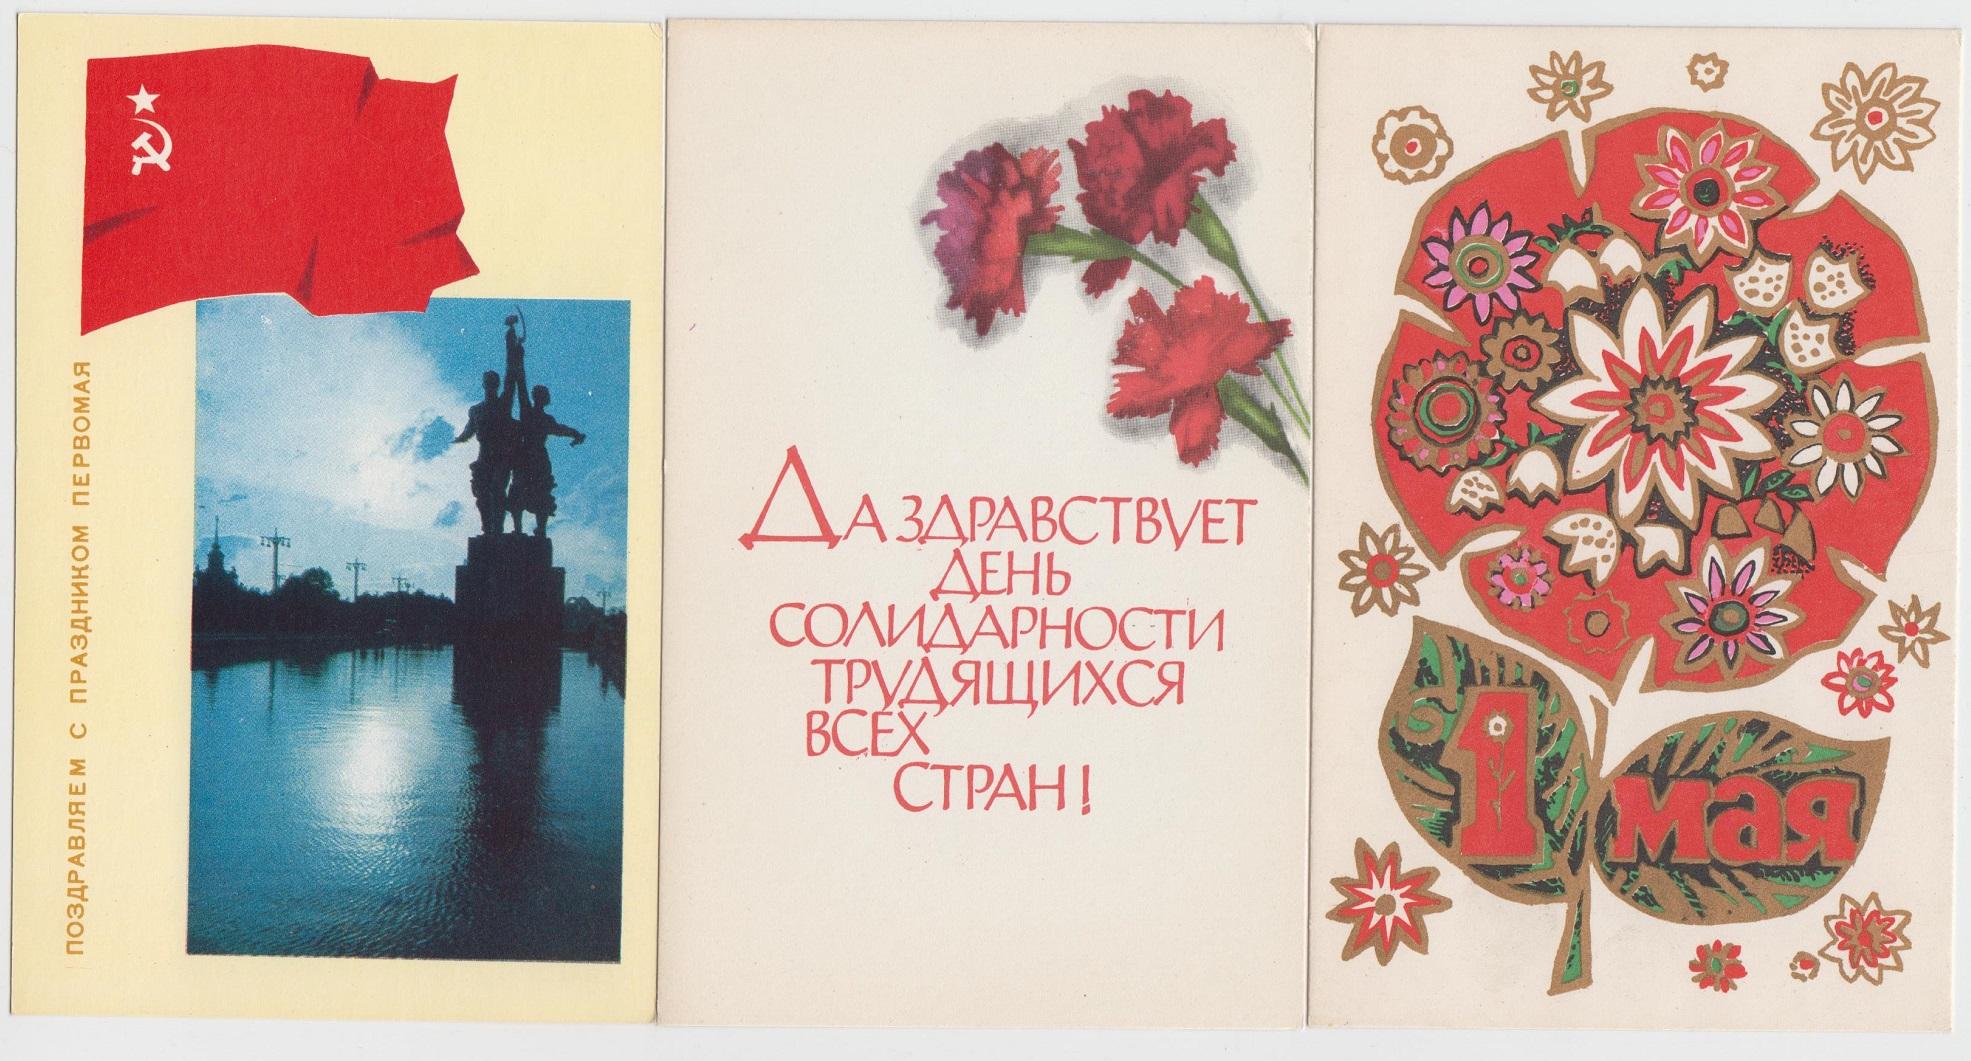 Куплю советские открытки. - Барахолка - Назад в СССР. Форум 30